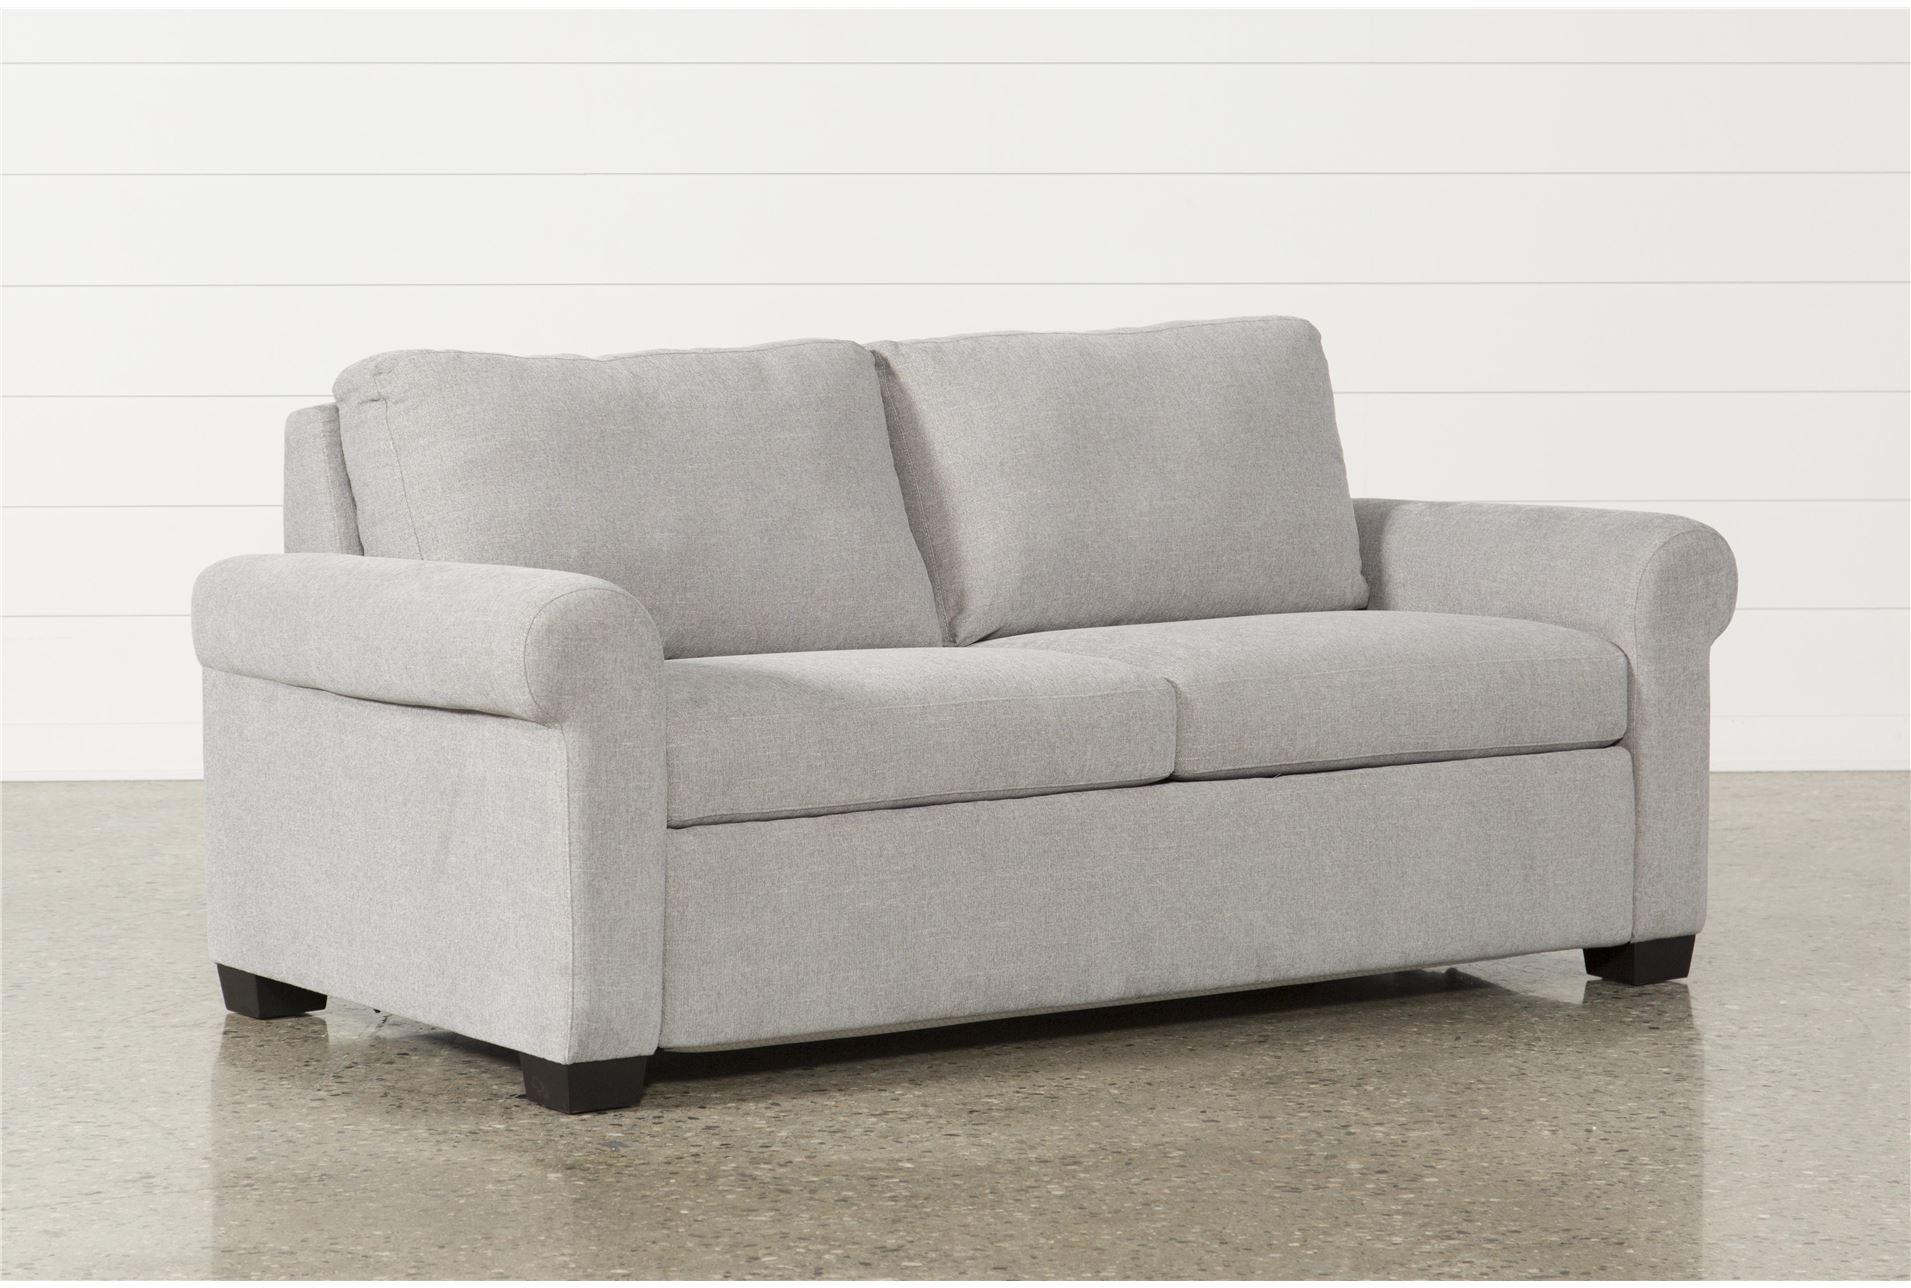 alexis silverpine queen sofa sleeper living spaces rh livingspaces com living space sofa bed living spaces sectional sleeper sofa